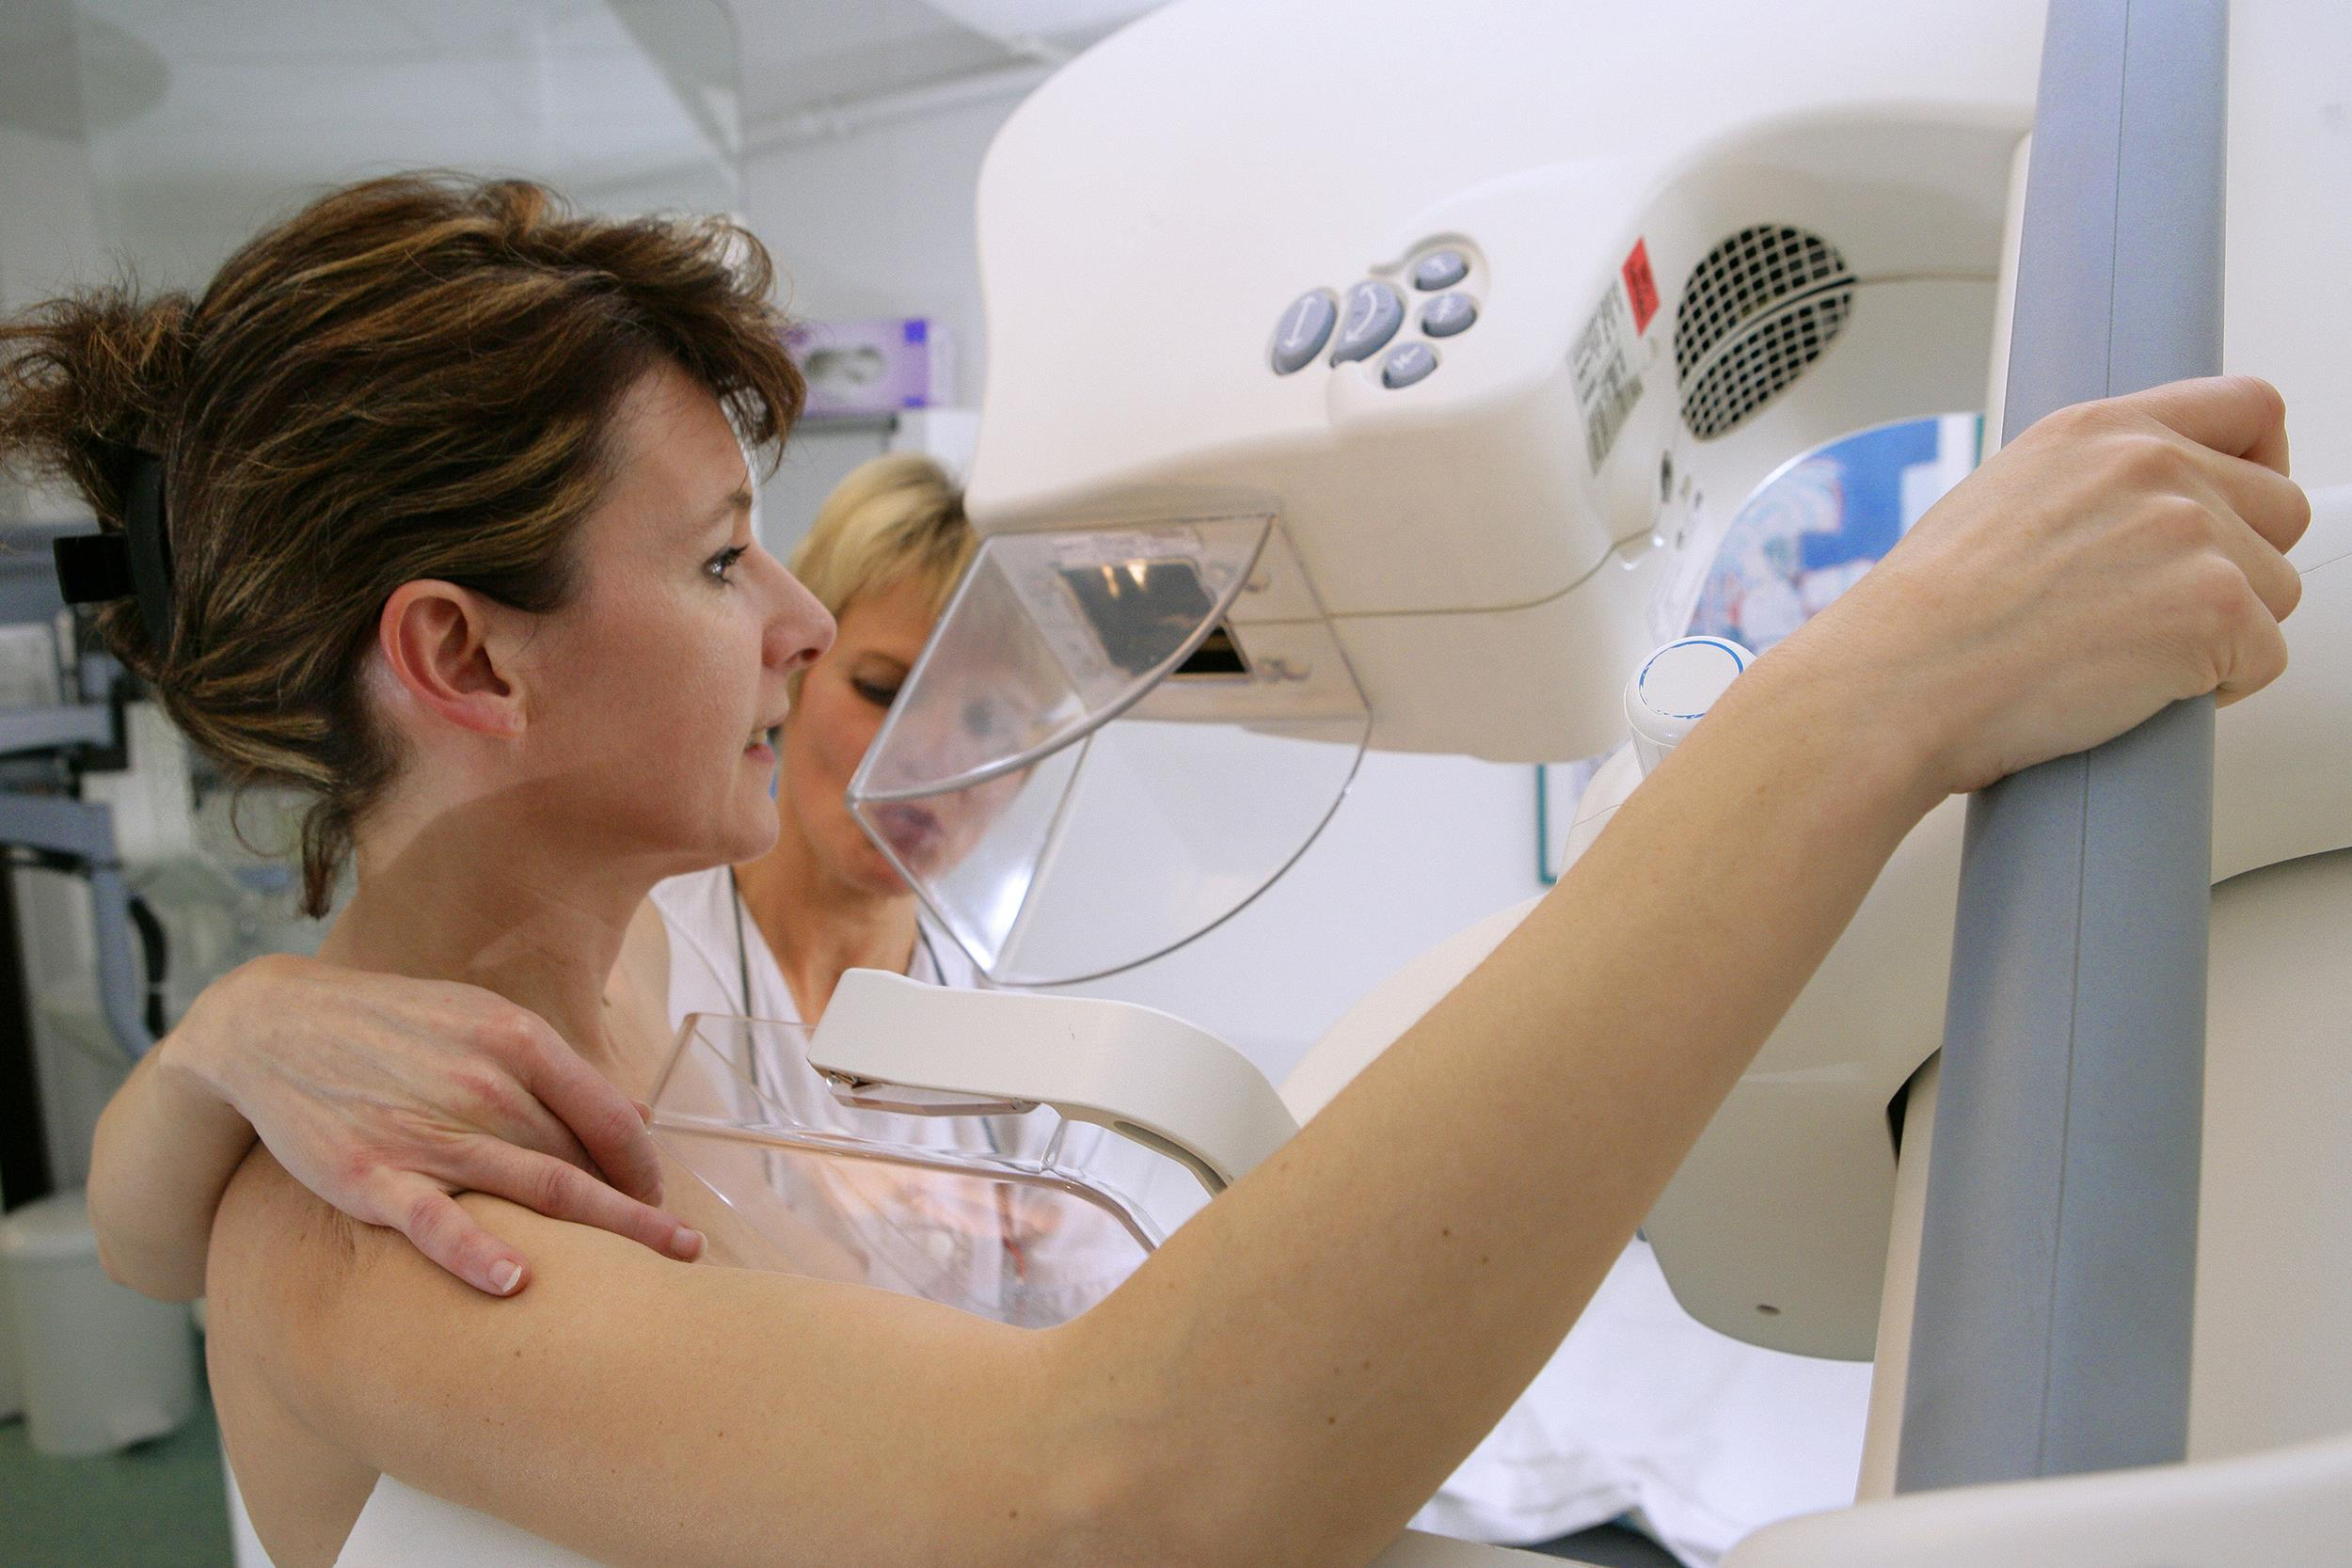 Kiekviena 50–69 metų amžiaus moteris gali pagal valstybės finansuojamą krūties vėžio prevencijos programą 1 kartą kas dvejus metus atlikti mamografijos tyrimą, kuris leidžia tiksliai diagnozuoti vėžį ar ikivėžinius pakitimus. (nbcnews.com nuotr.)